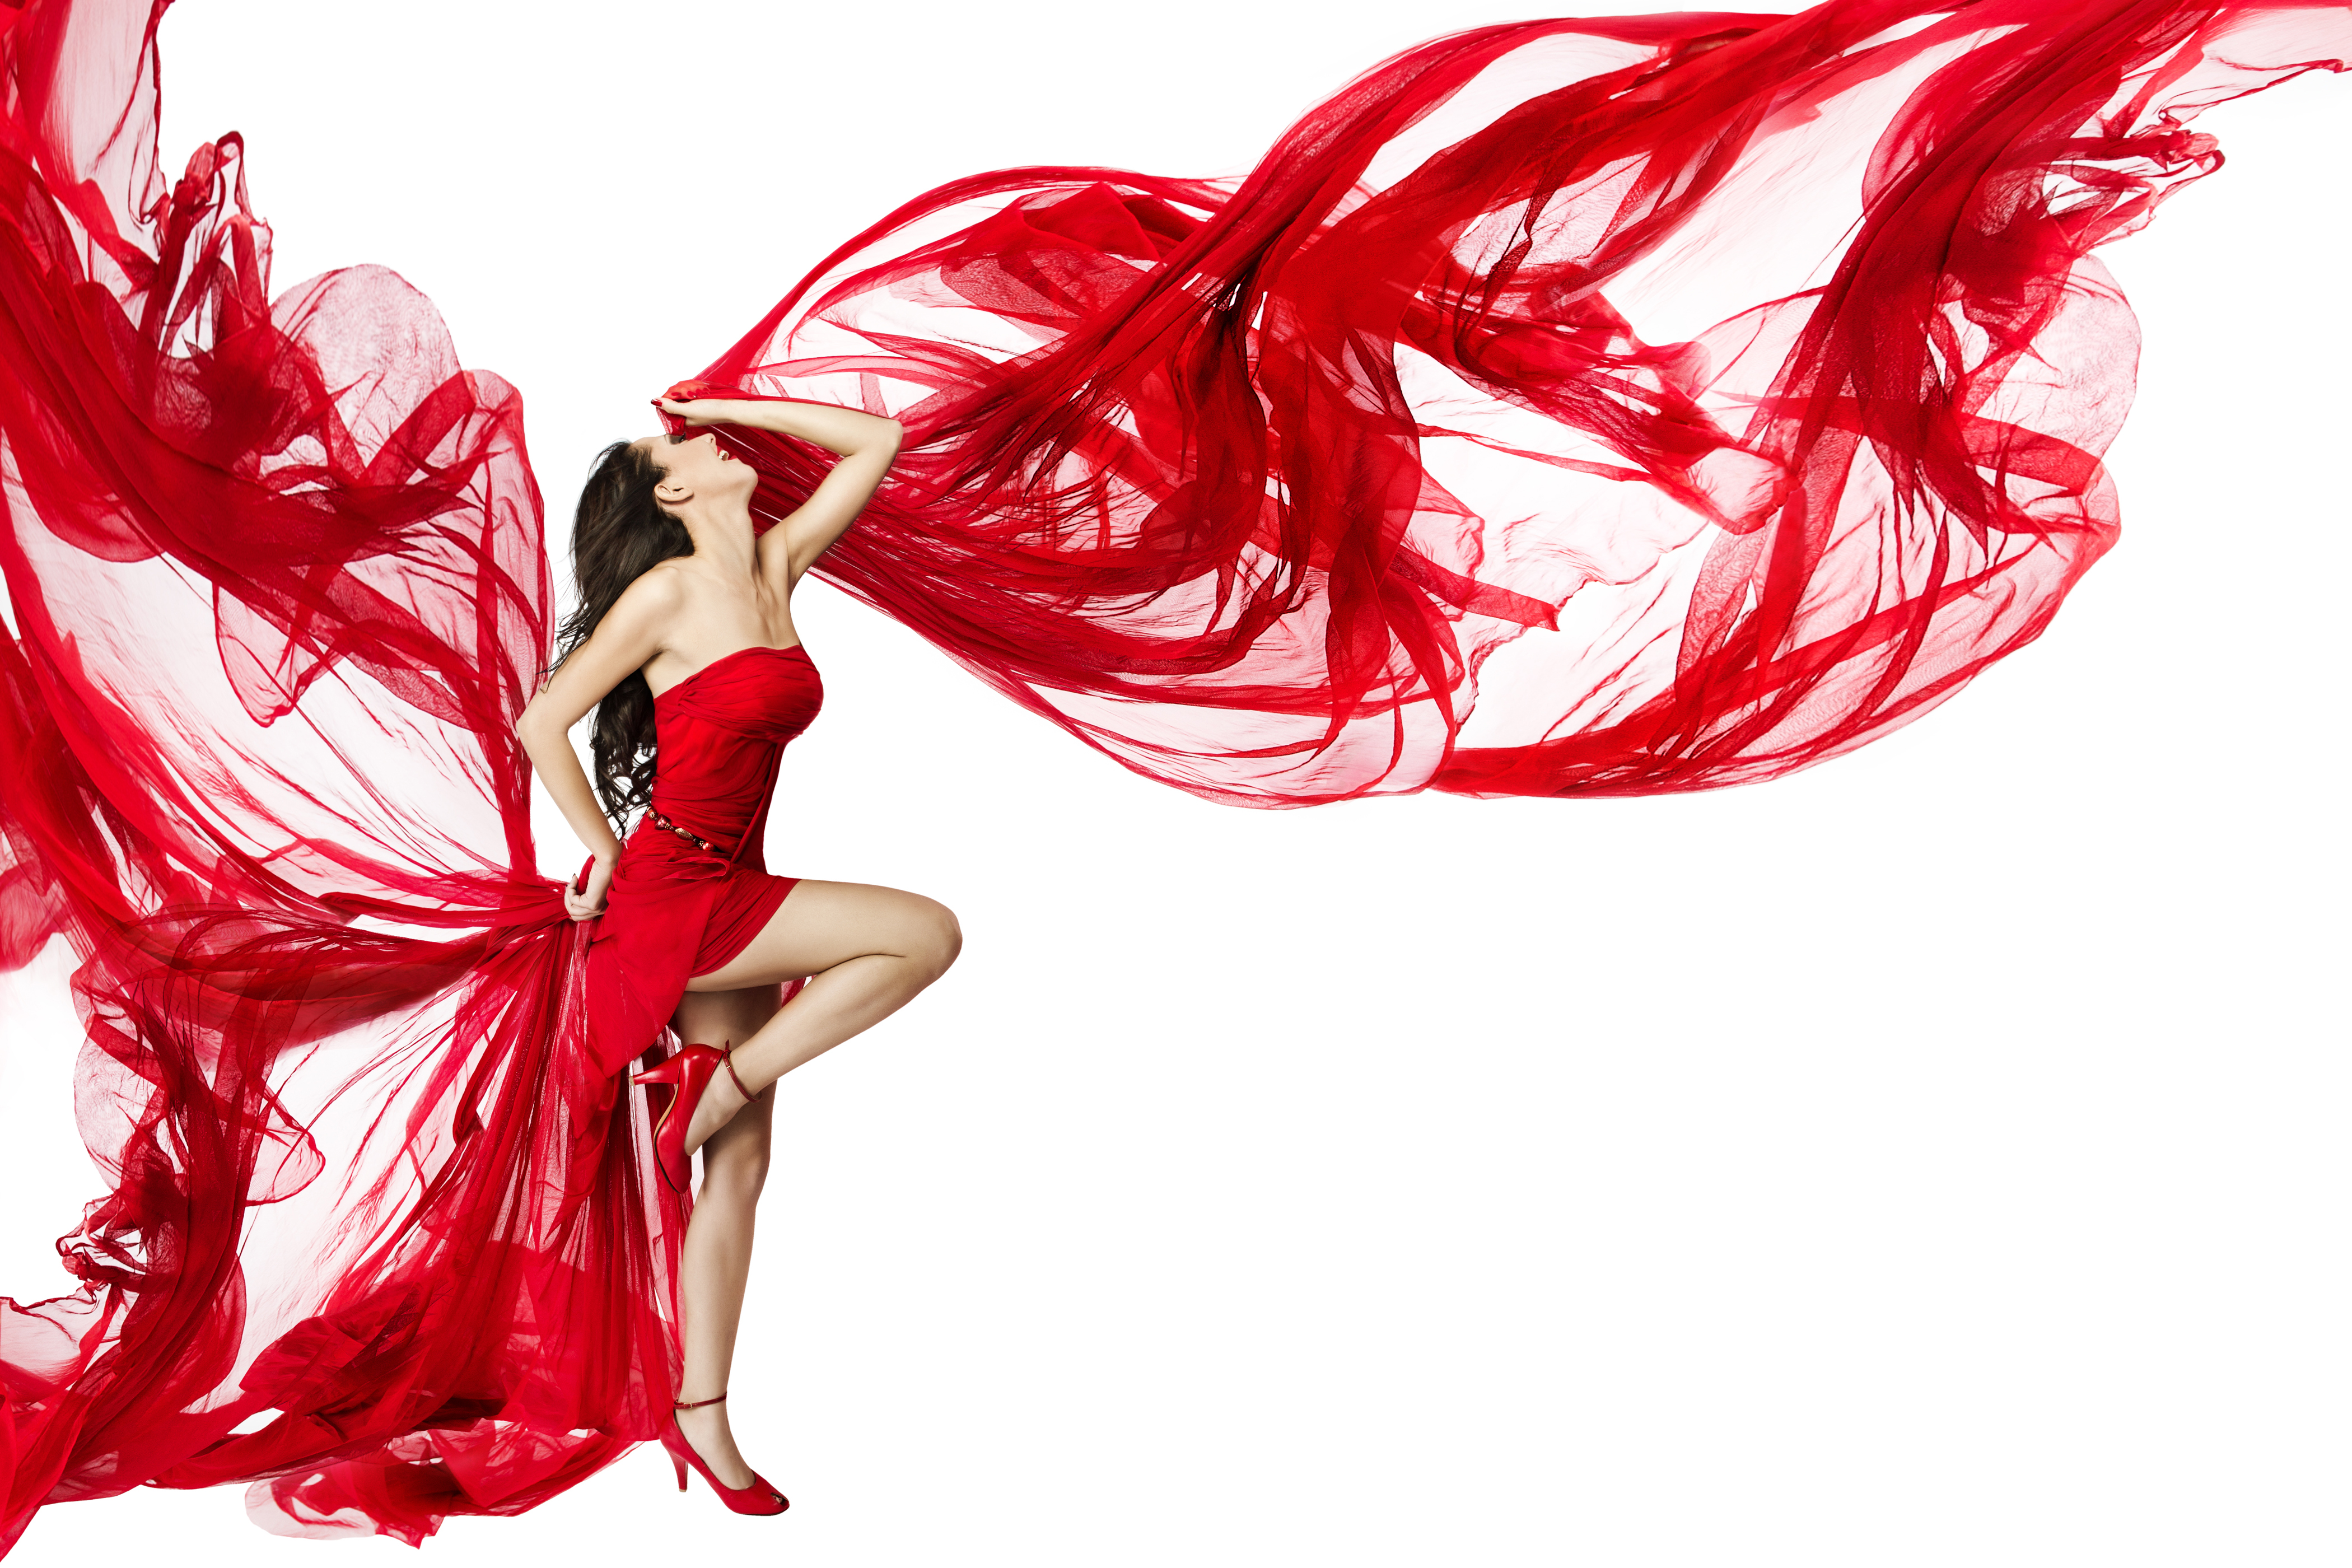 Hintergrundbilder Braune Haare Tanzen Mädchens Bein Weißer hintergrund Kleid 4200x2800 Braunhaarige Tanz